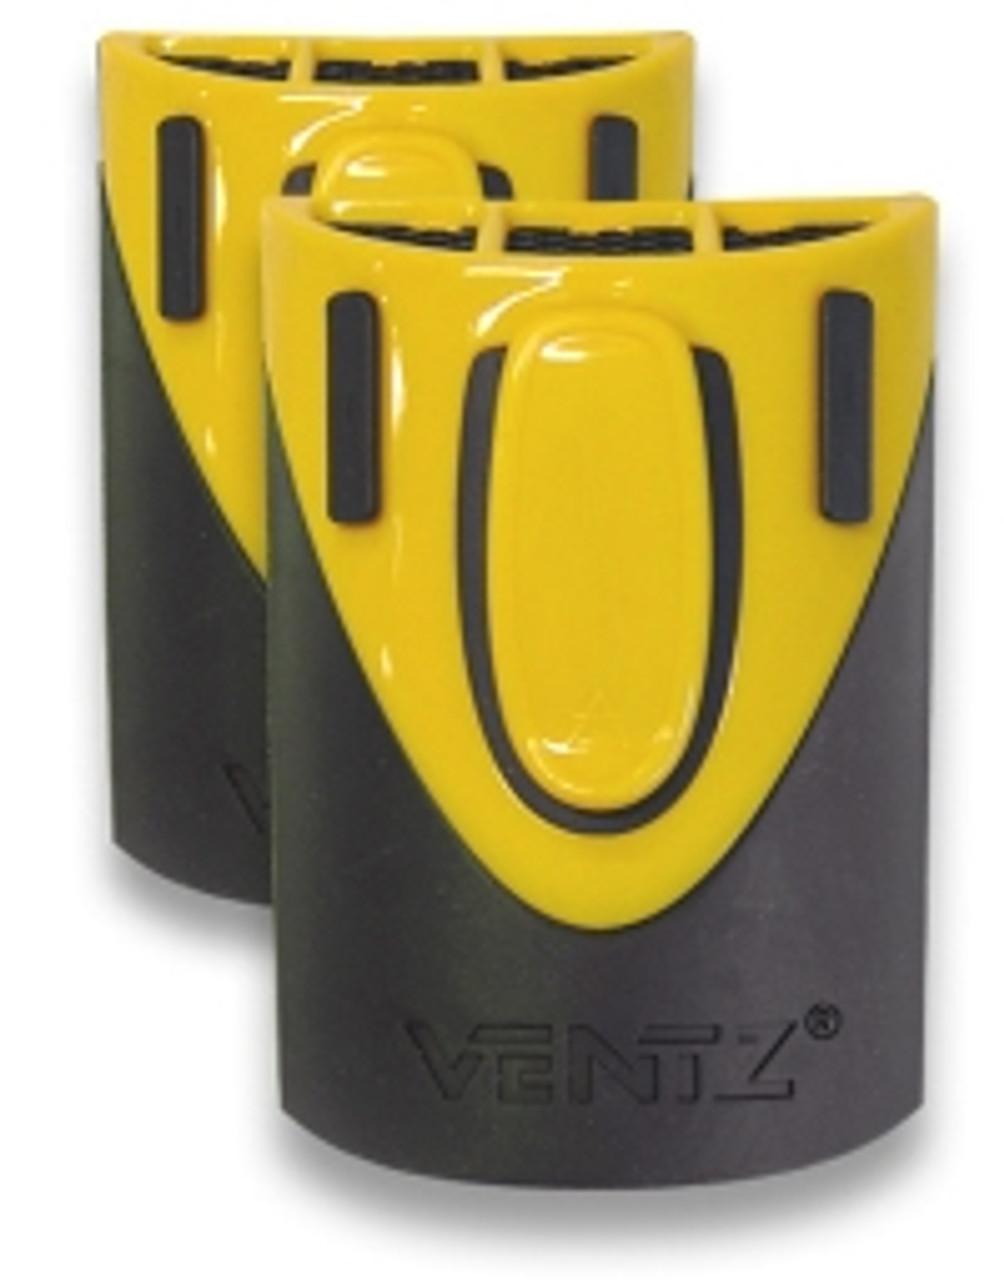 Ventz (Pair)